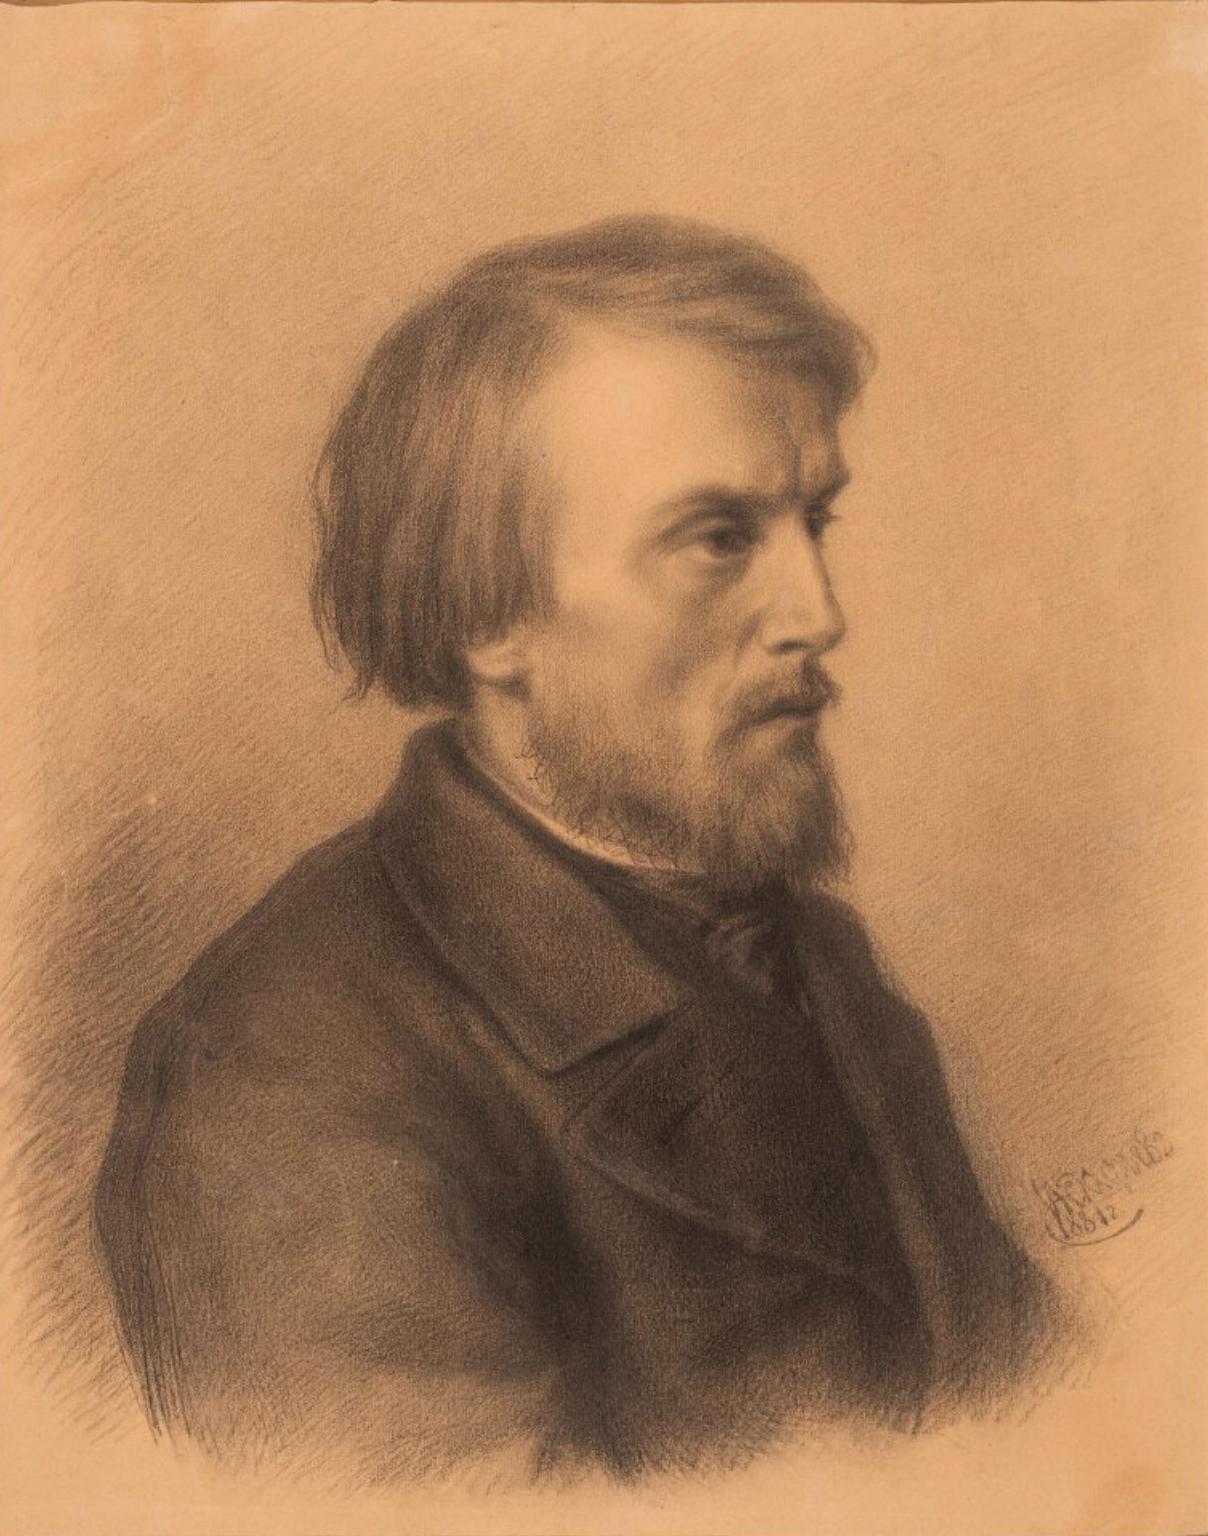 Портрет Виссариона Григорьевича Белинского (1811-1848). Астафьев И.А. 1881 г.